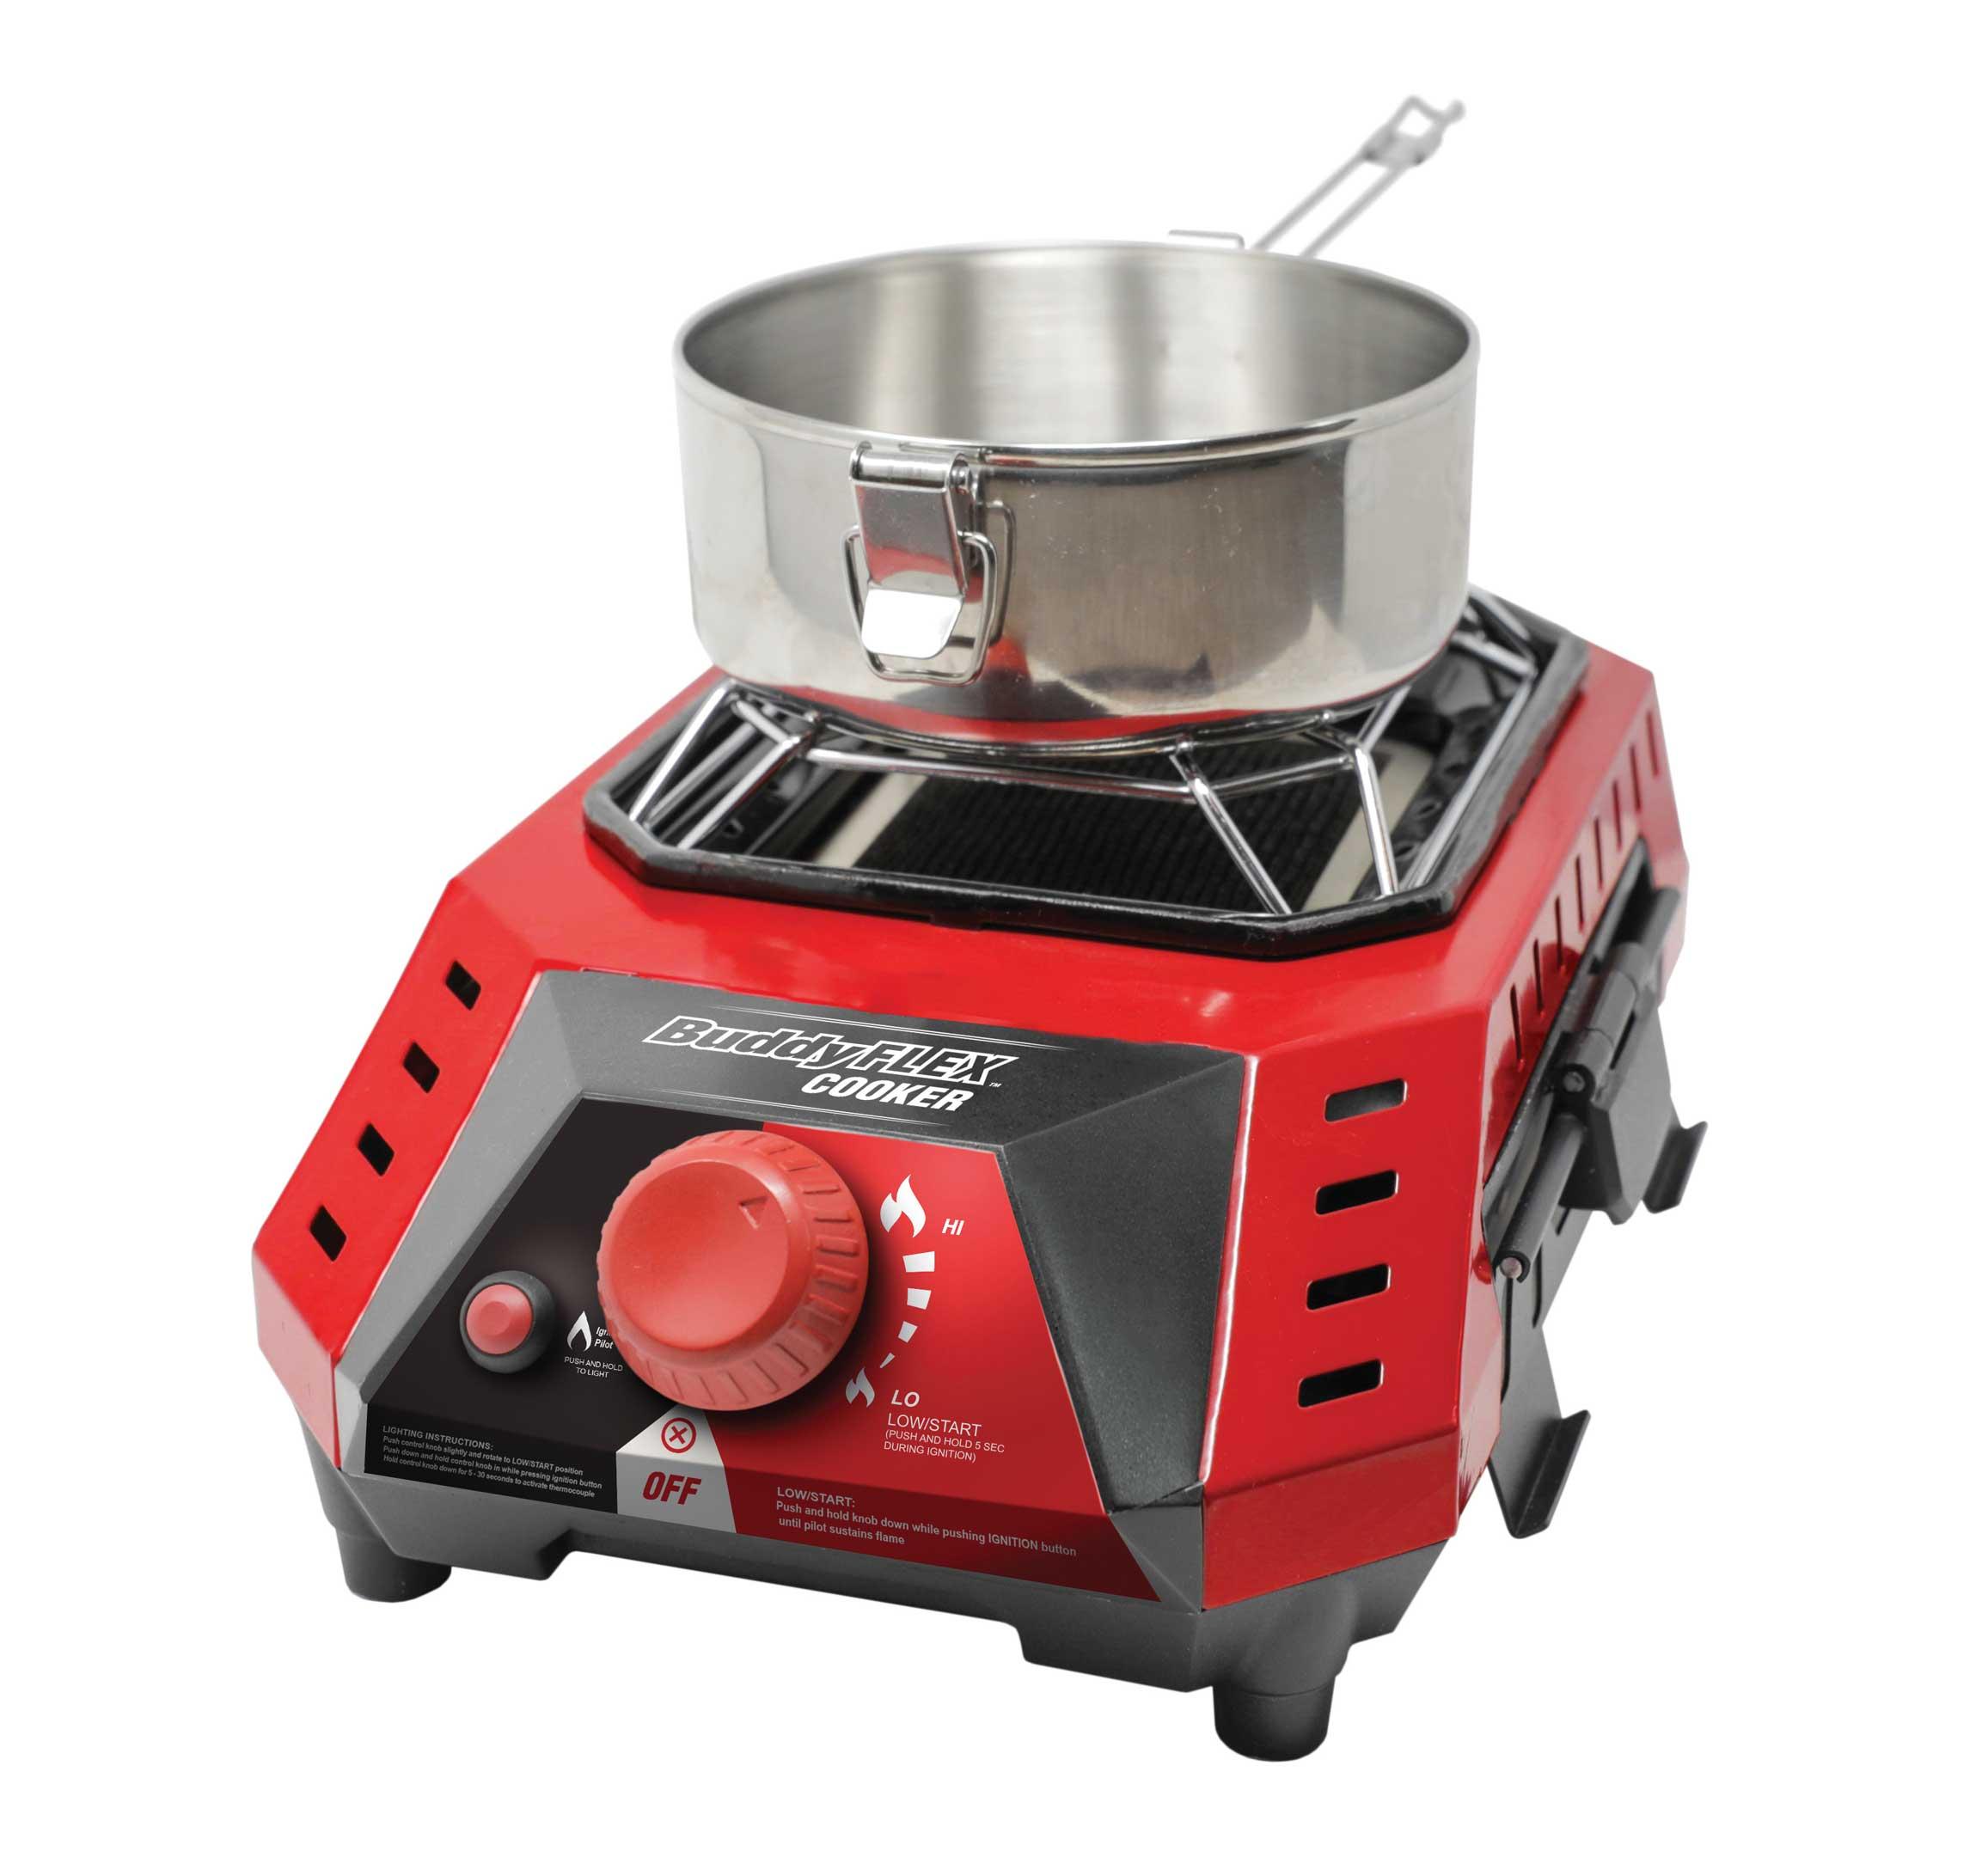 Buddy FLEX Heater & Cooker With Gear Bag